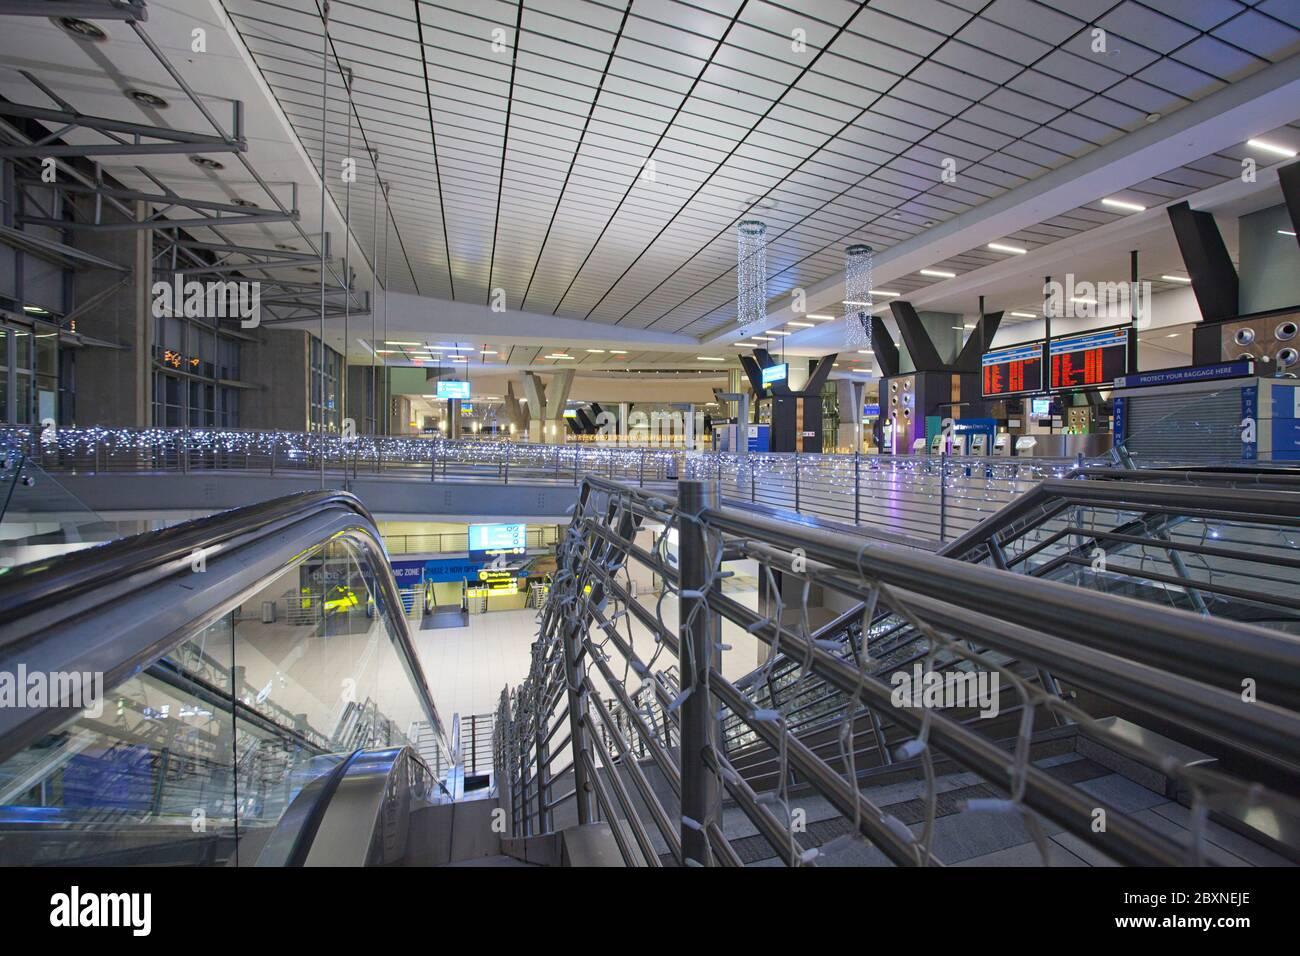 Escalators at O. R. Tambo International Airport. Stock Photo